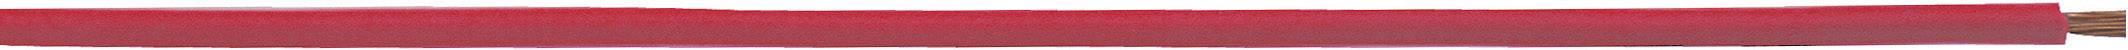 Opletenie / lanko LappKabel 4510071S H05V-K, 1 x 0.50 mm², vonkajší Ø 2.50 mm, 250 m, fialová